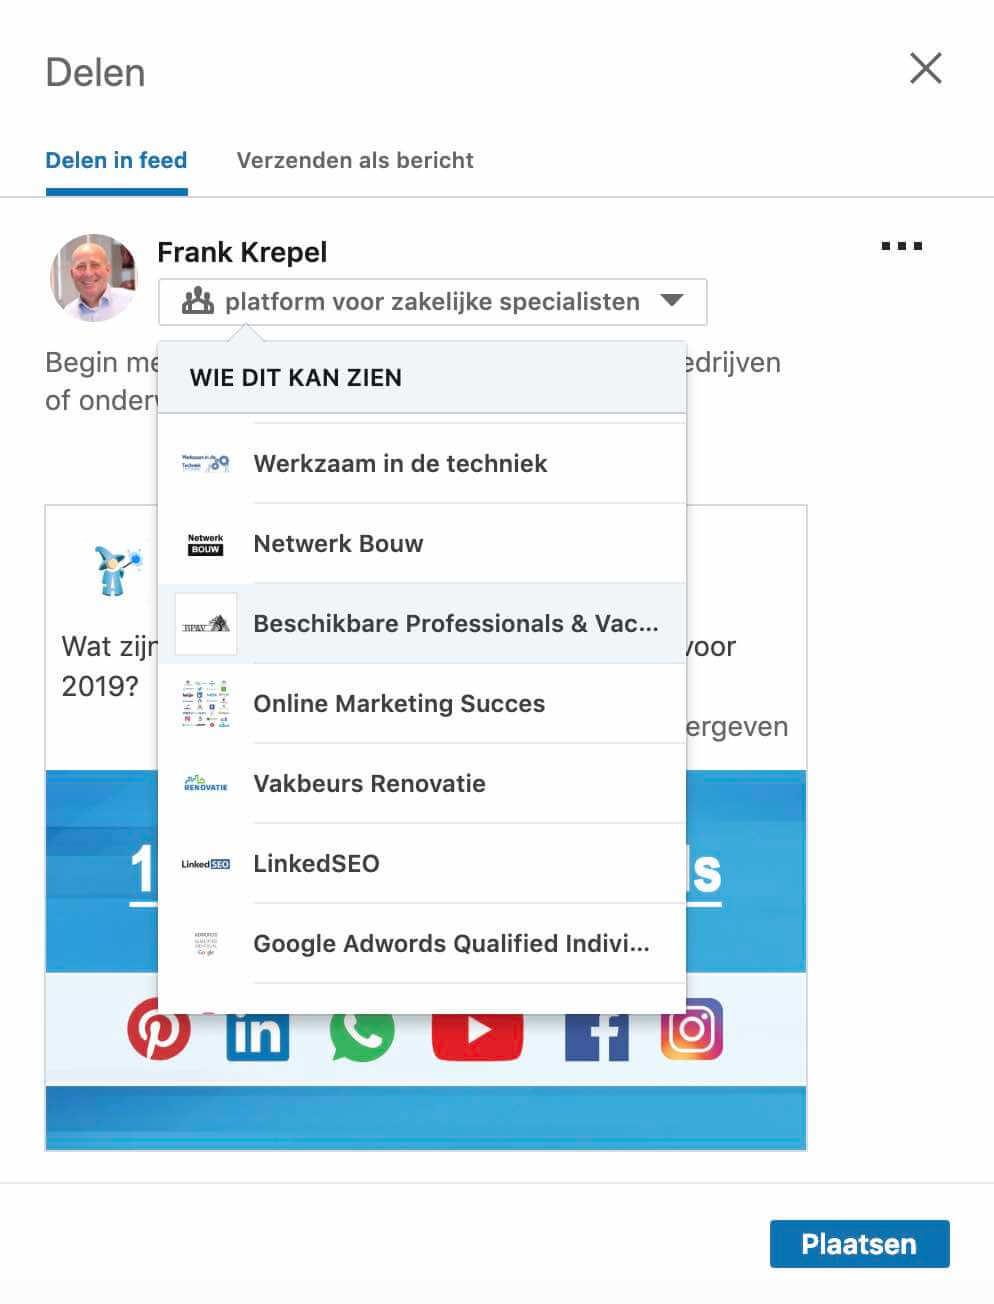 Delen in een Linkedin groep